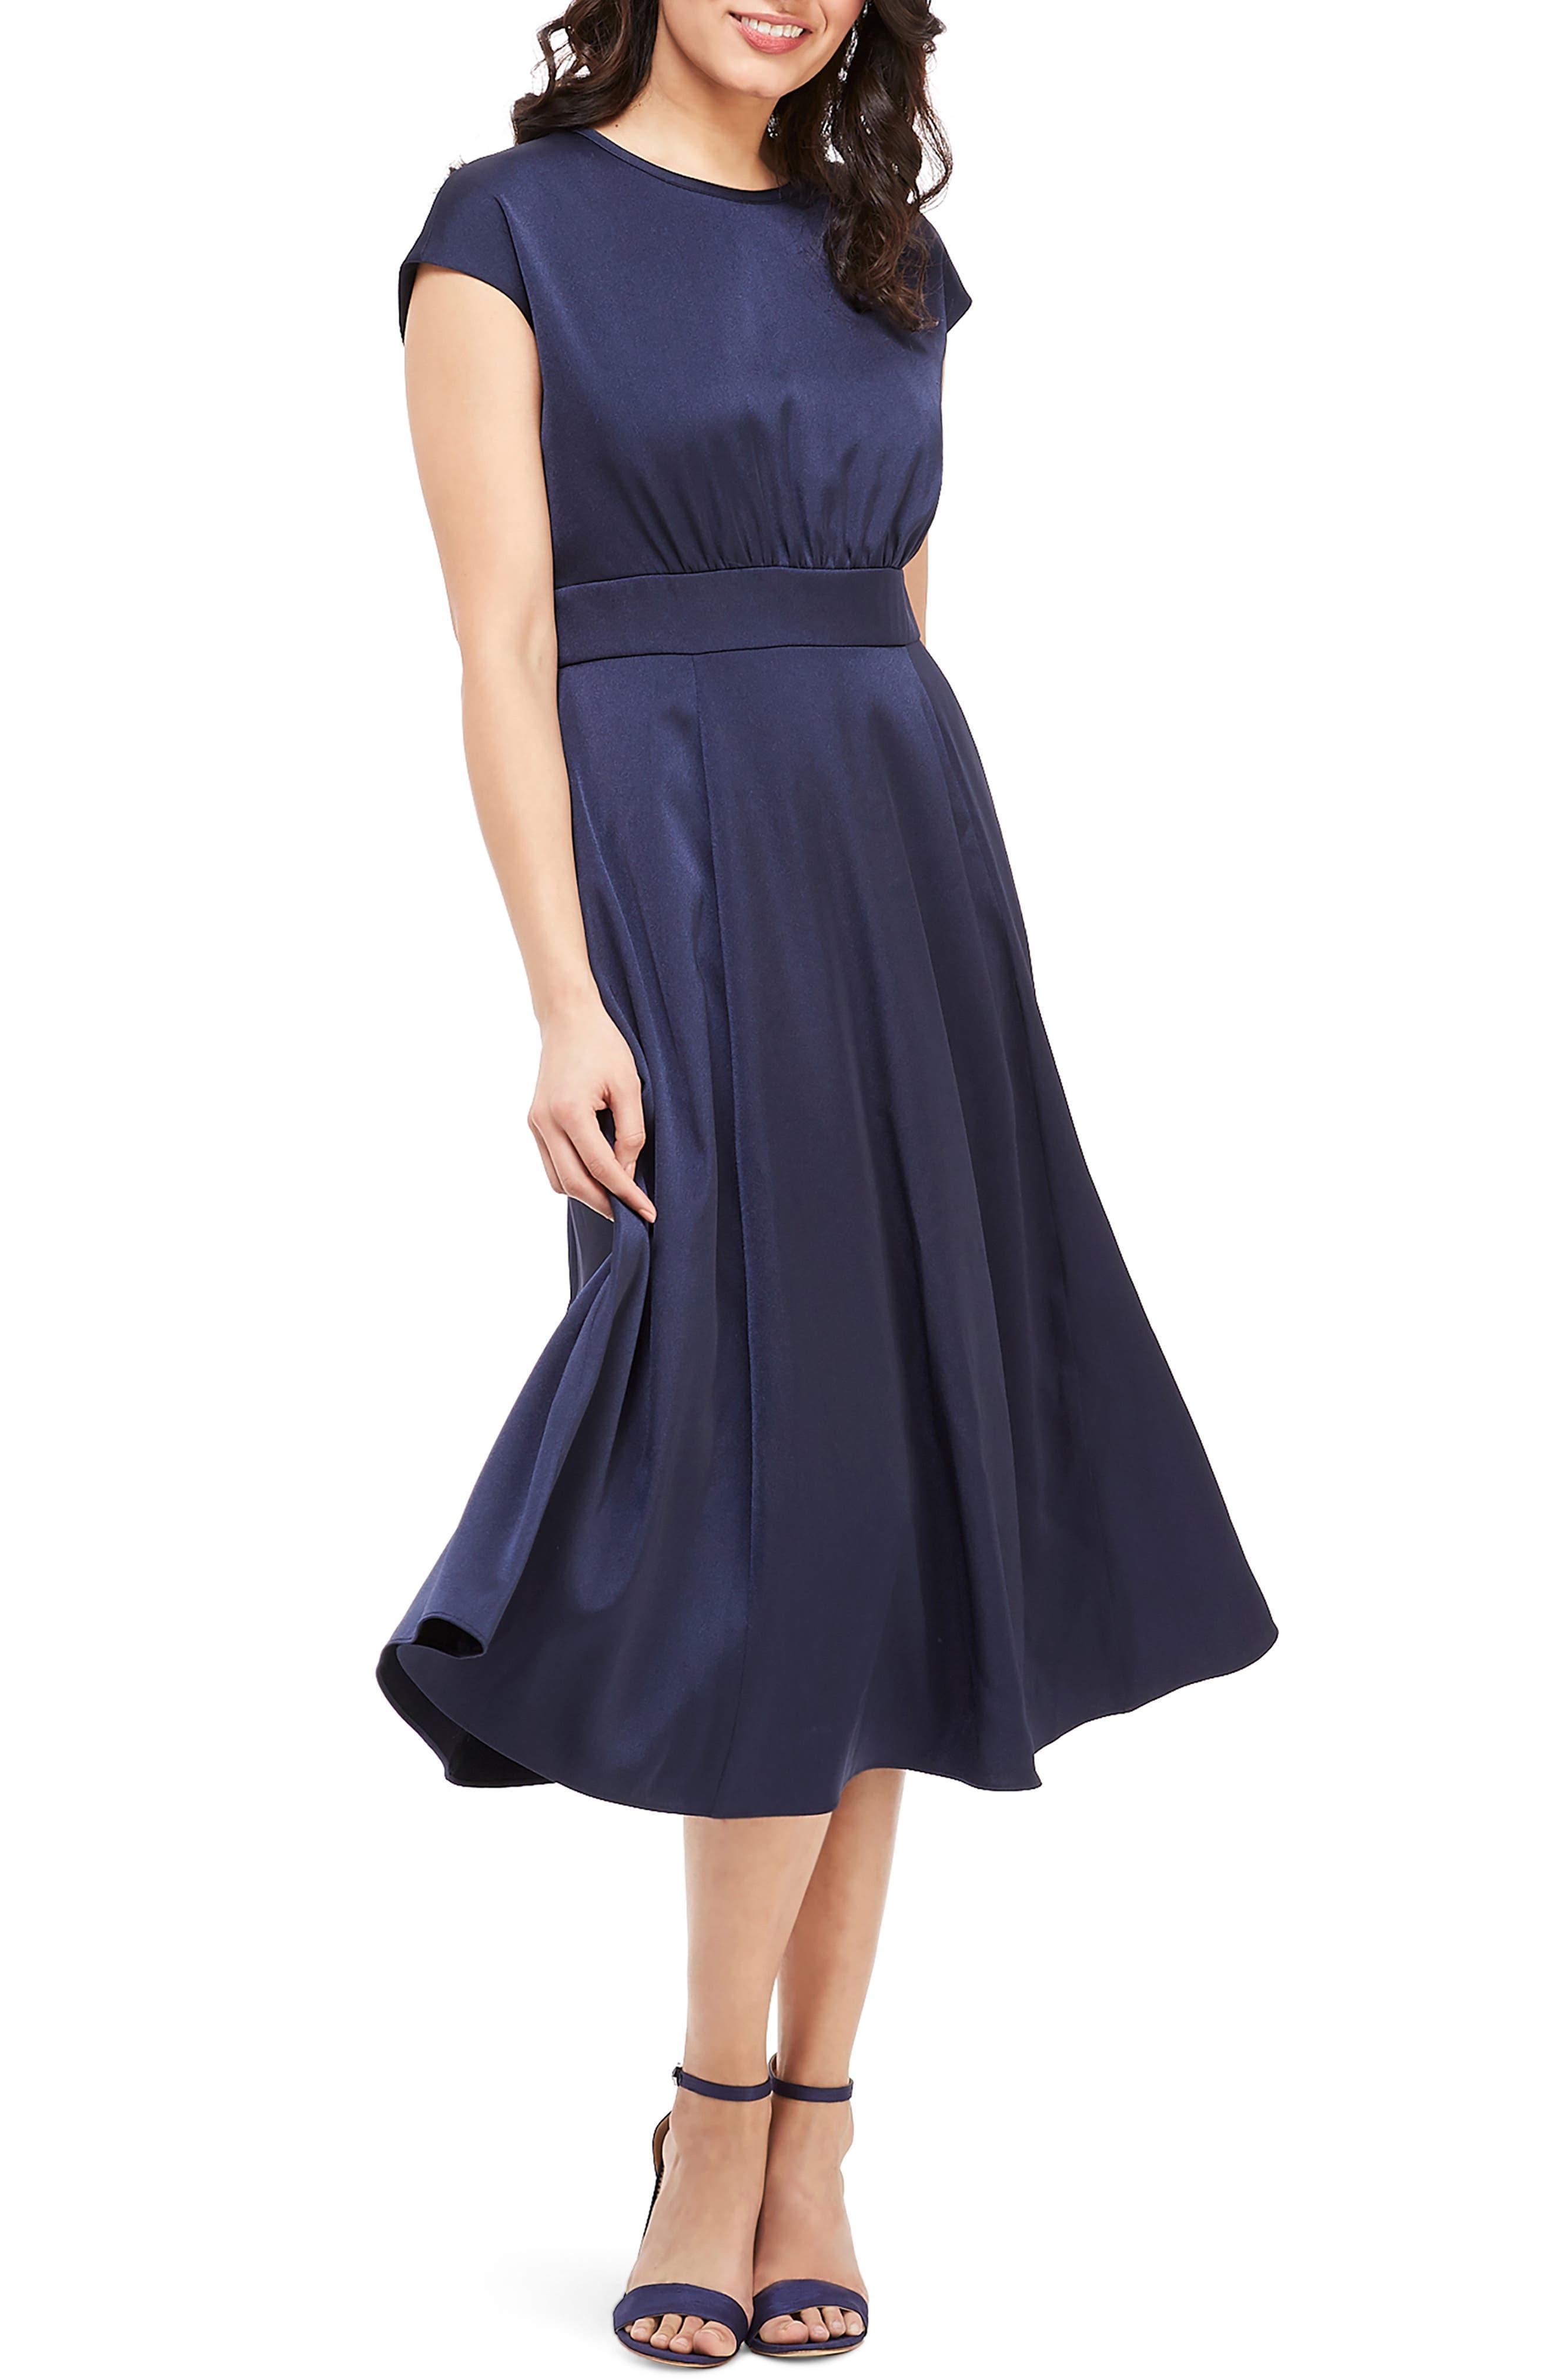 Midnight Navy Cocktail Dresses Nordstrom